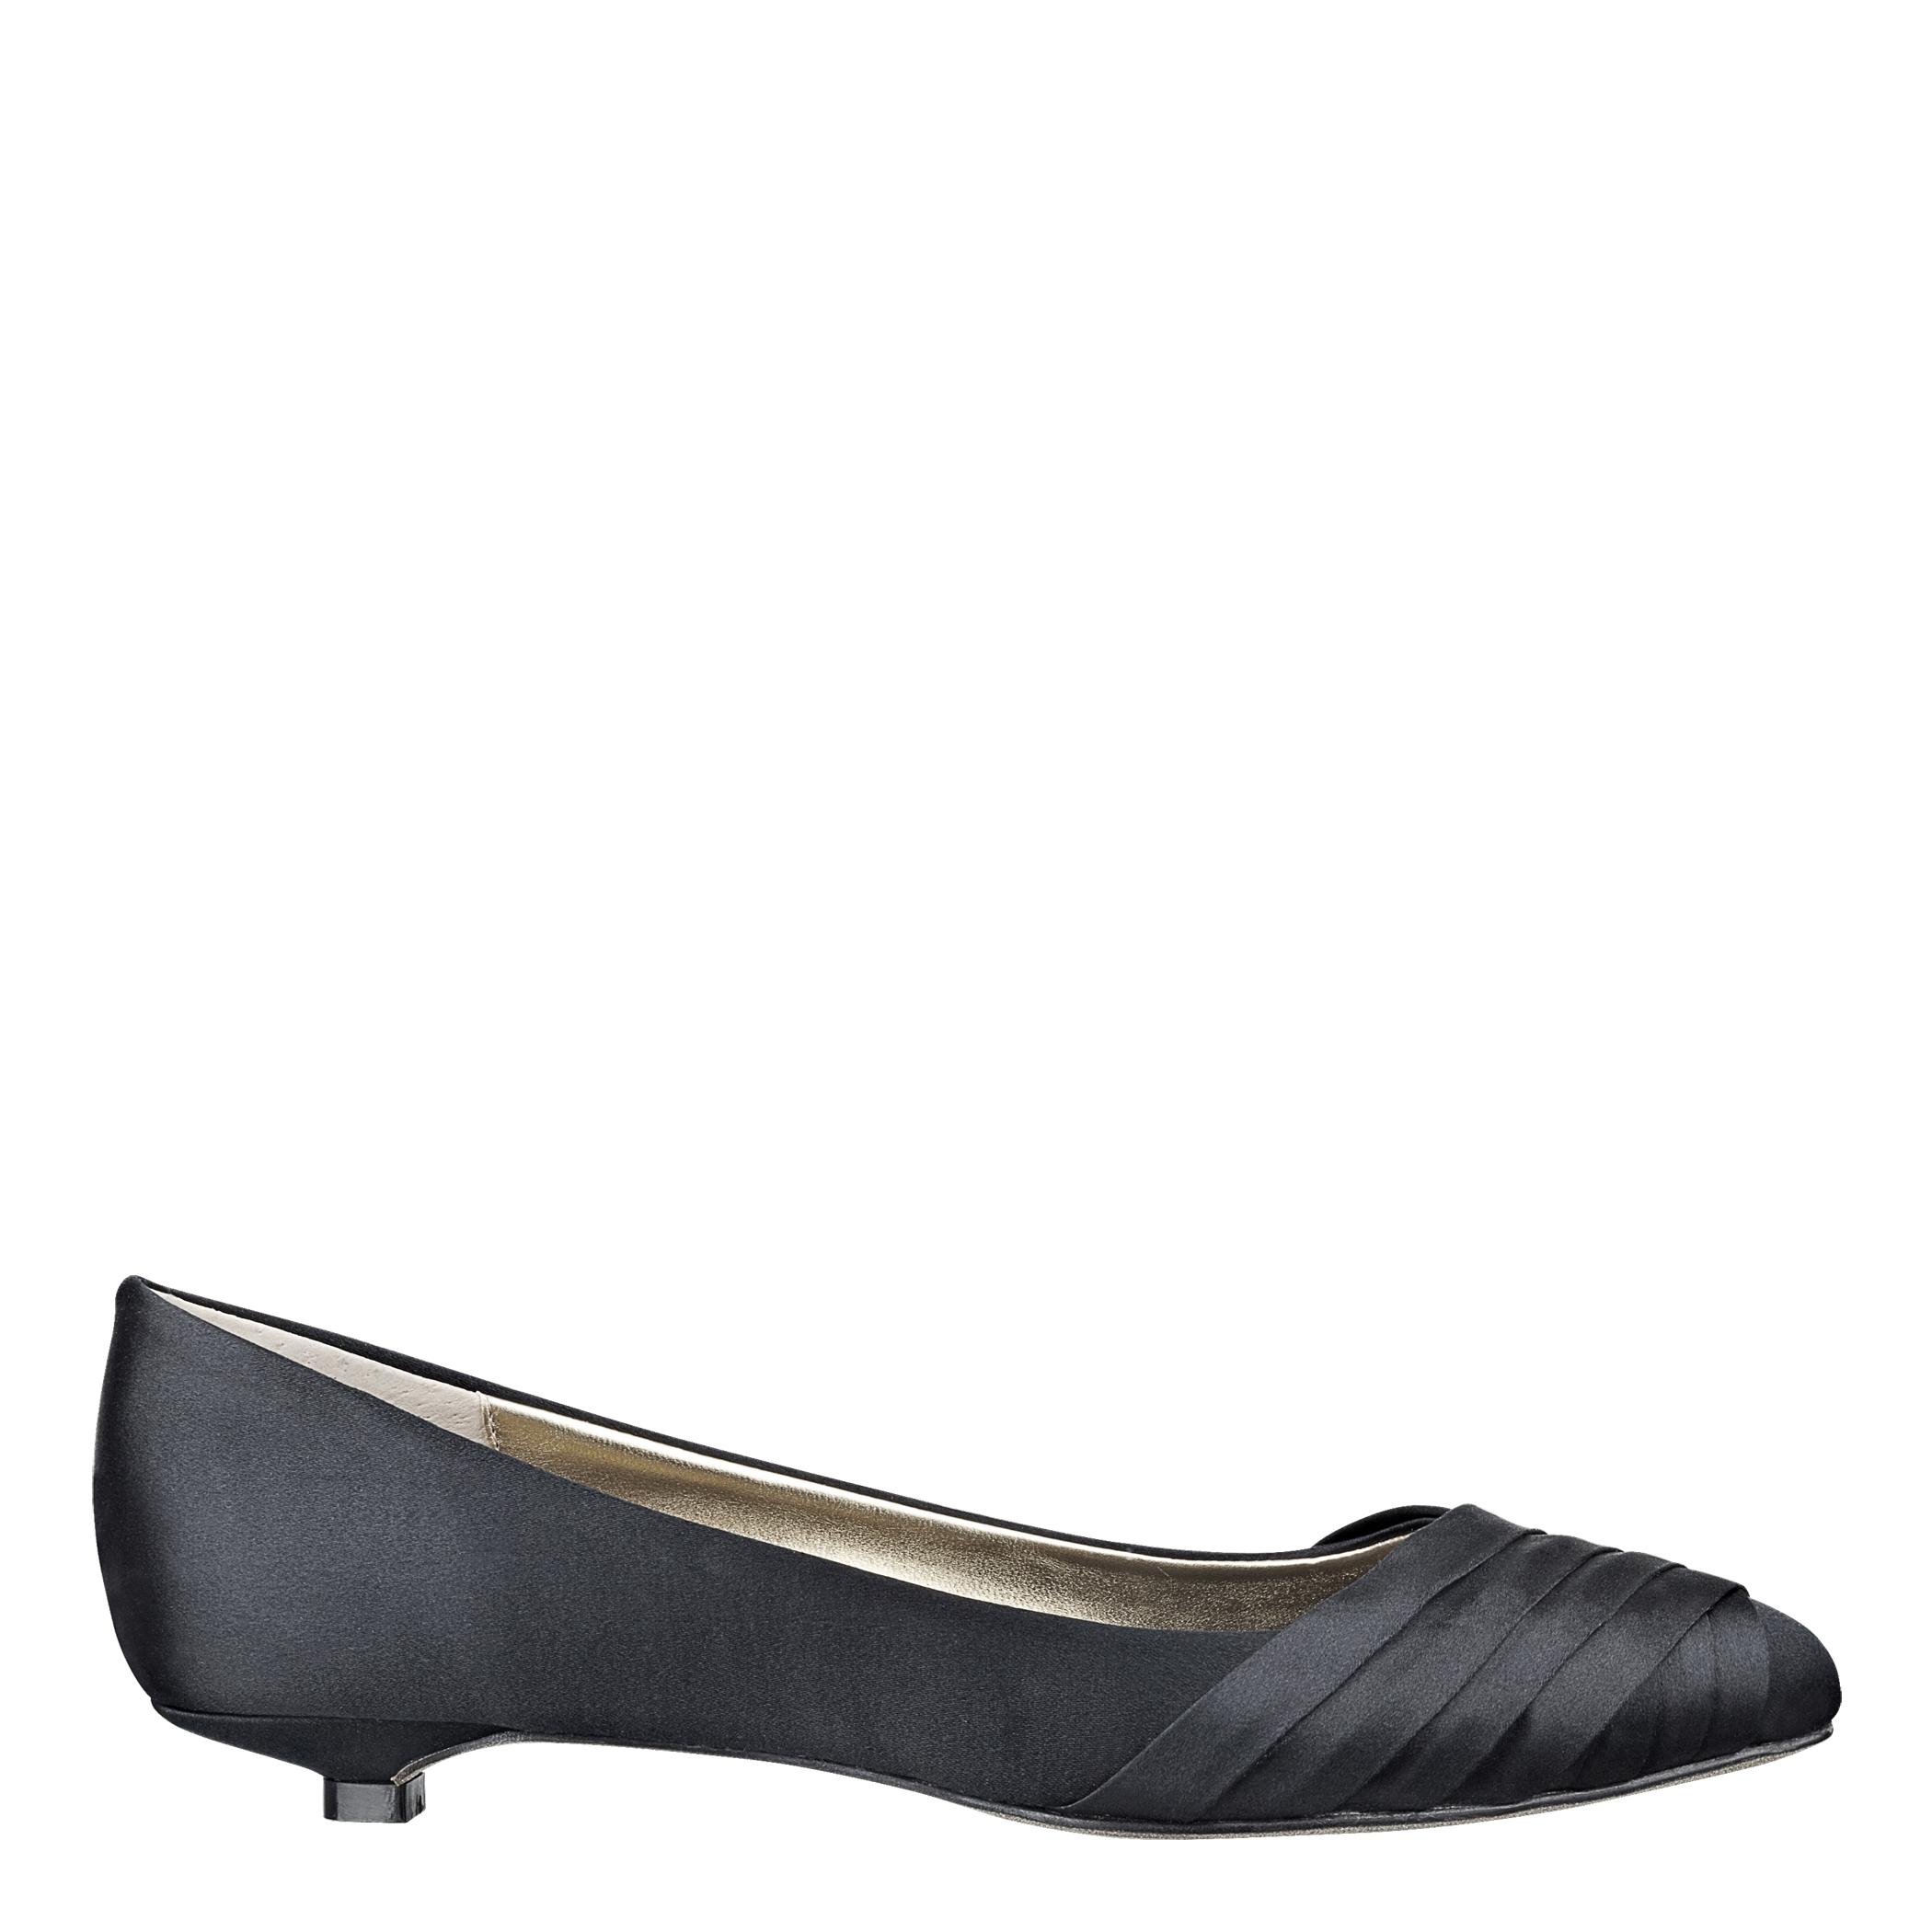 Black Satin Kitten Heels